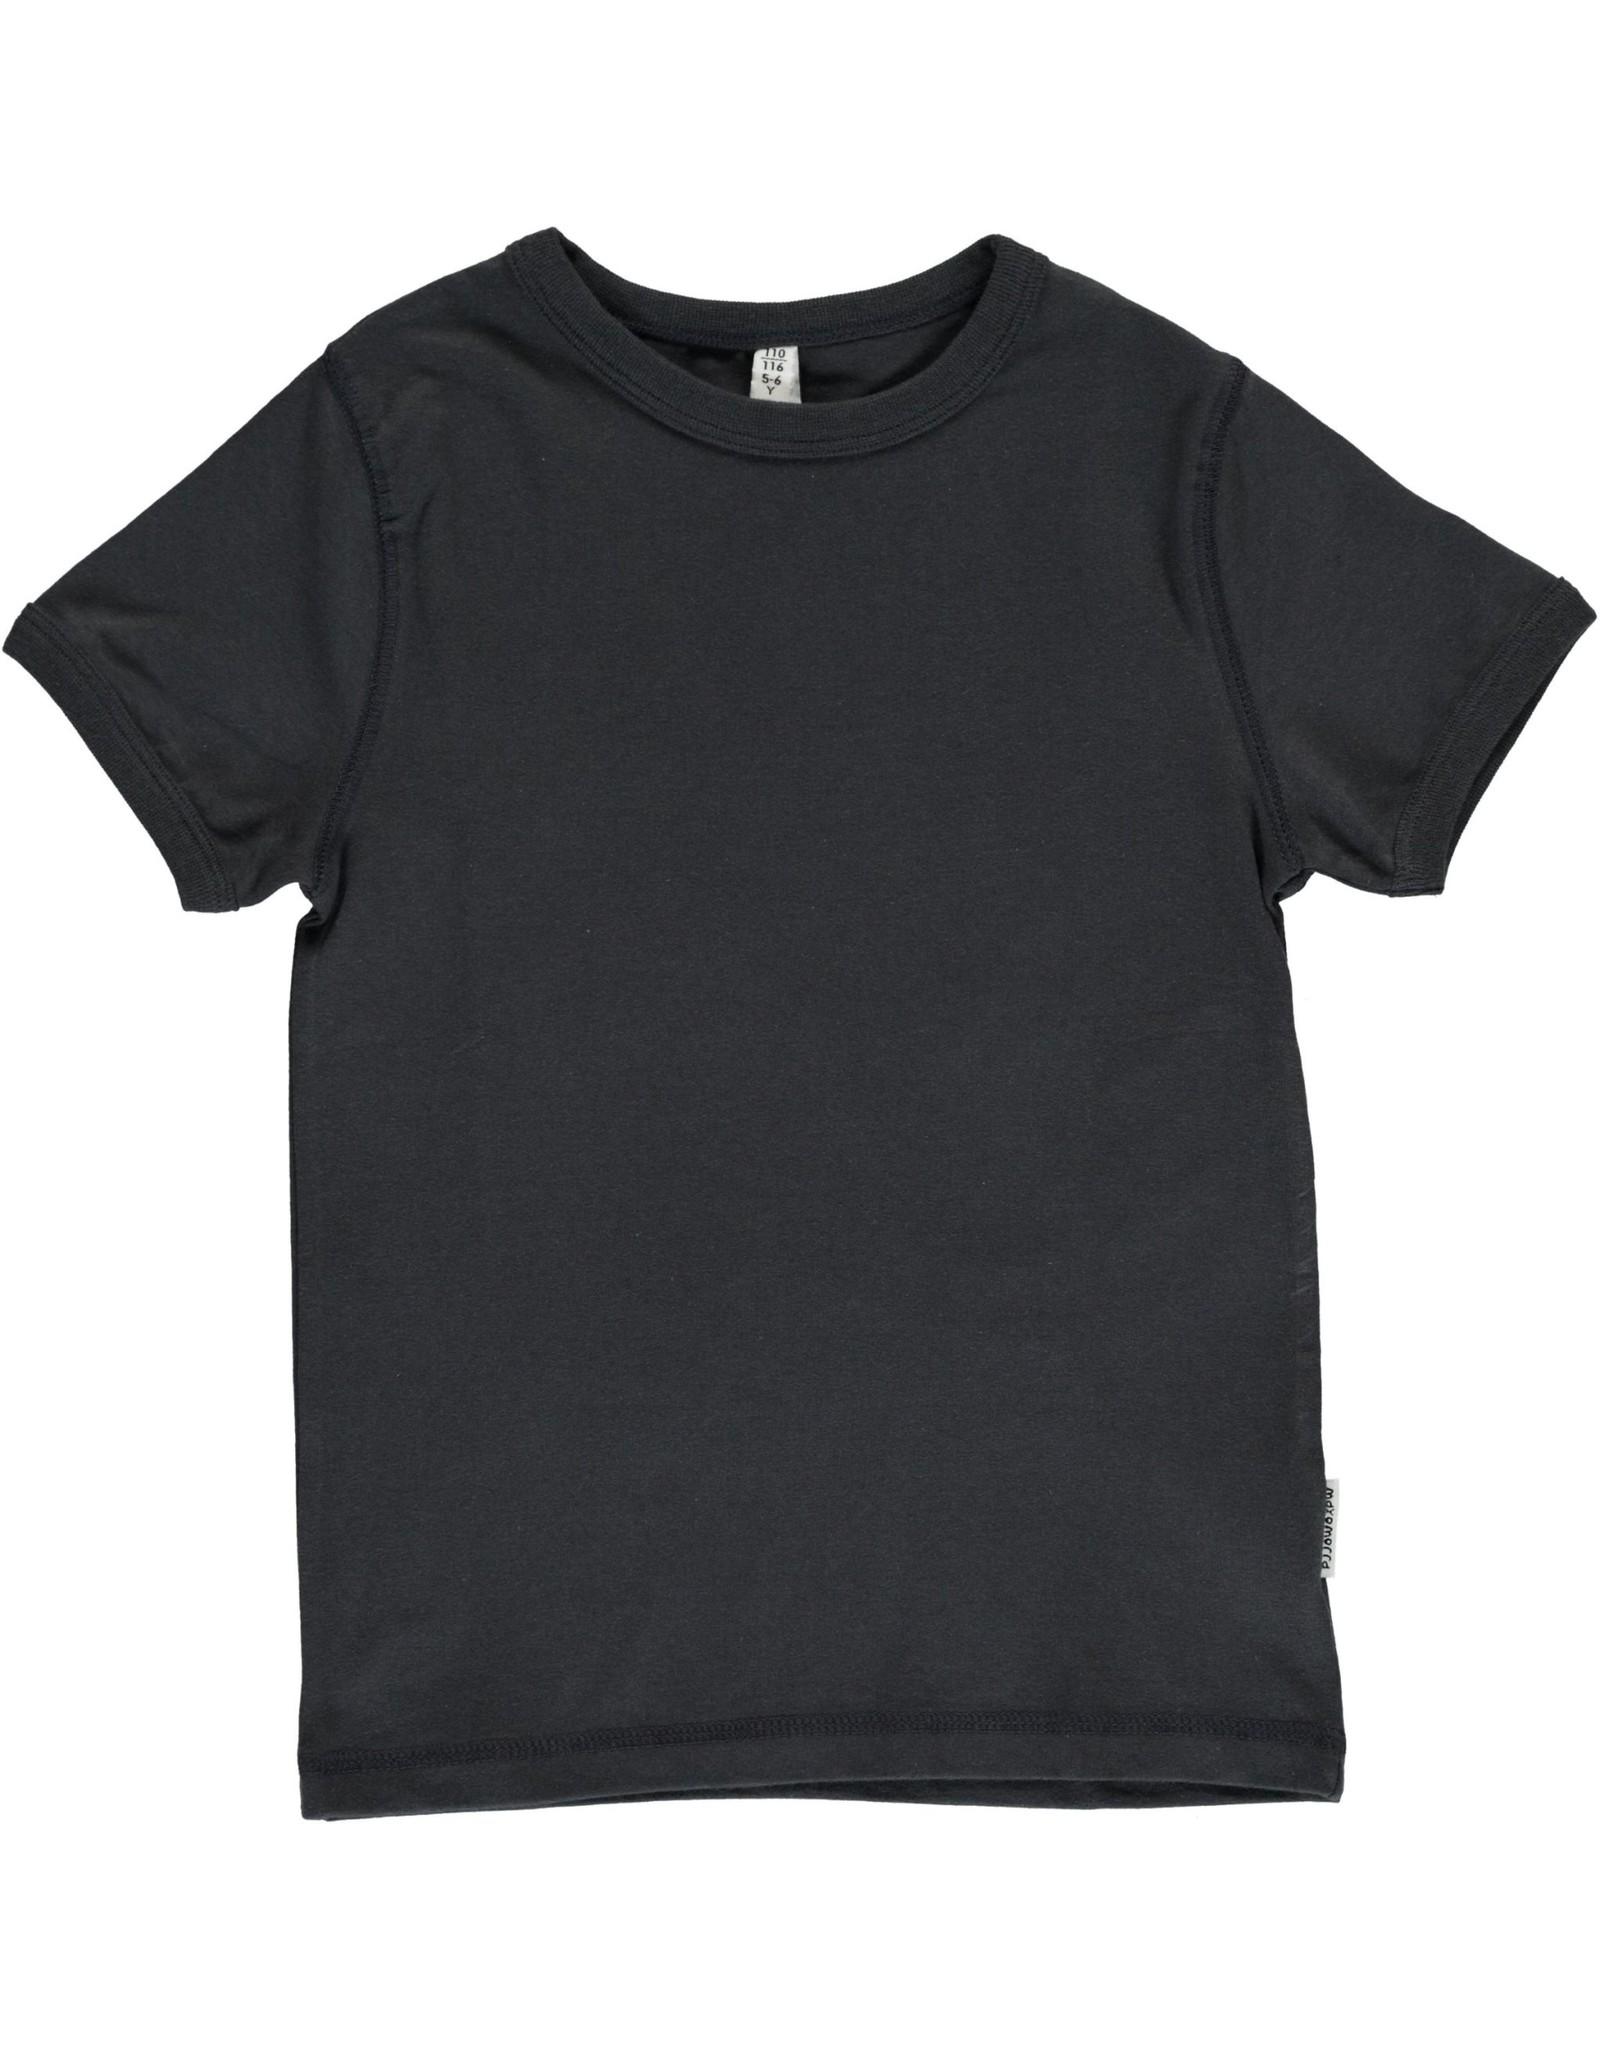 Maxomorra T-shirt Met Korte Mouwen Zwart (MAAT 110/116)